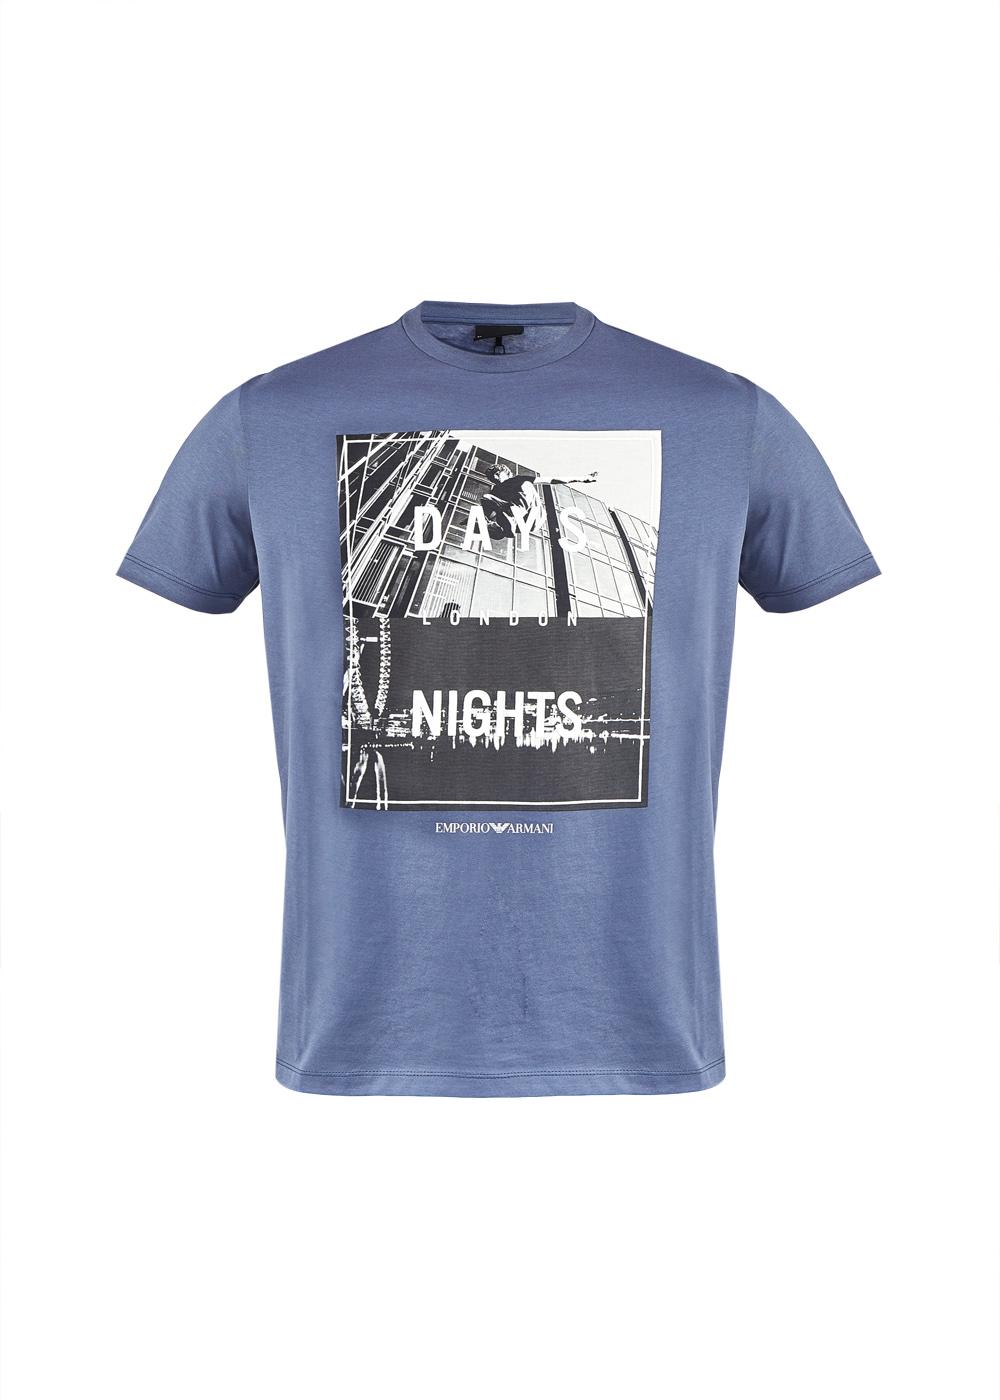 Купить со скидкой Emporio Armani футболка